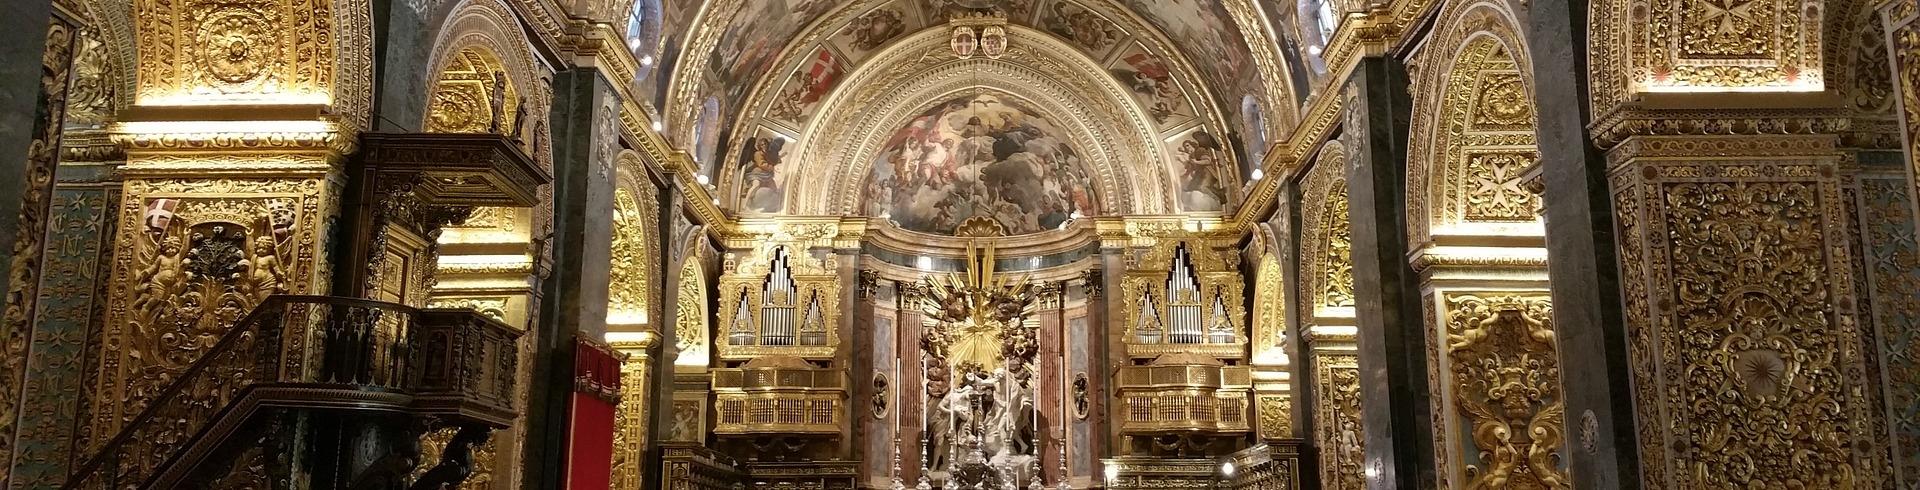 Valletta Baroque Festival 2020